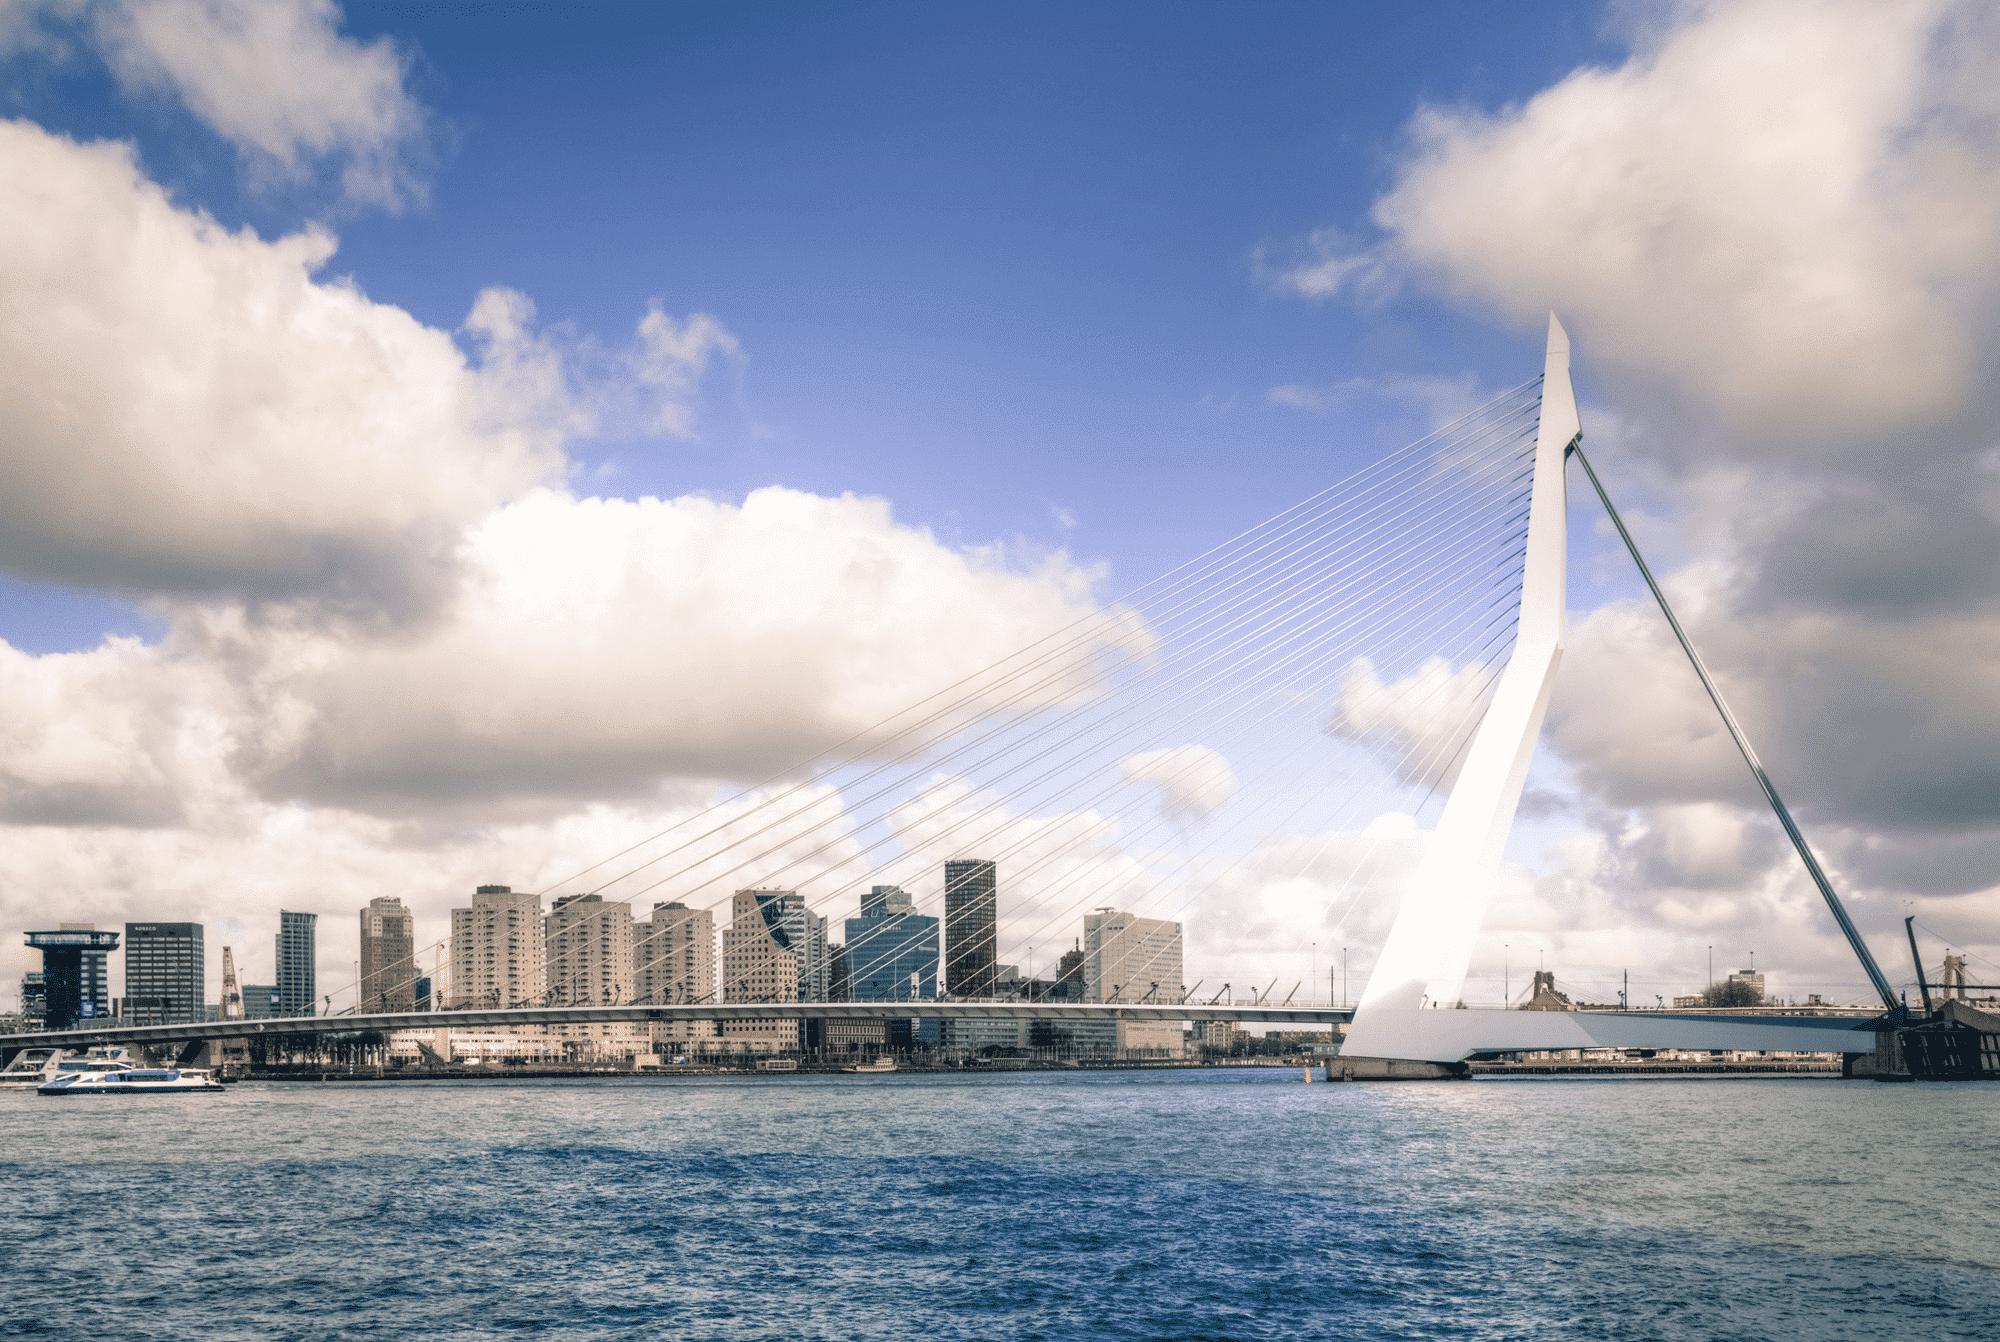 Gemeente Rotterdam | van platte data naar inzicht naar werk